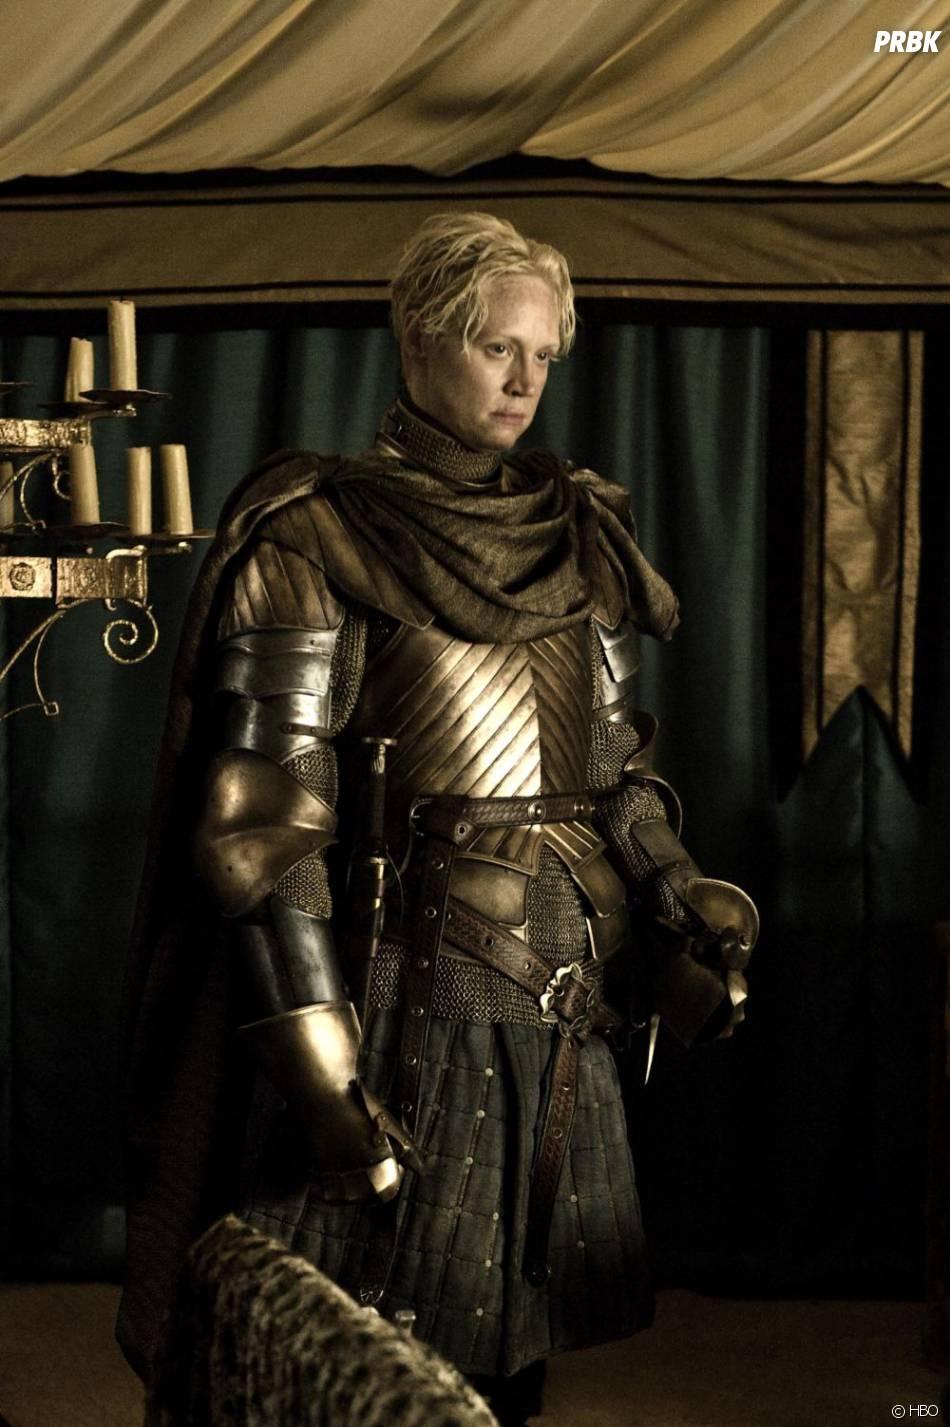 Brienne a échapper au pire grâce à Jaime dans Game of Thrones